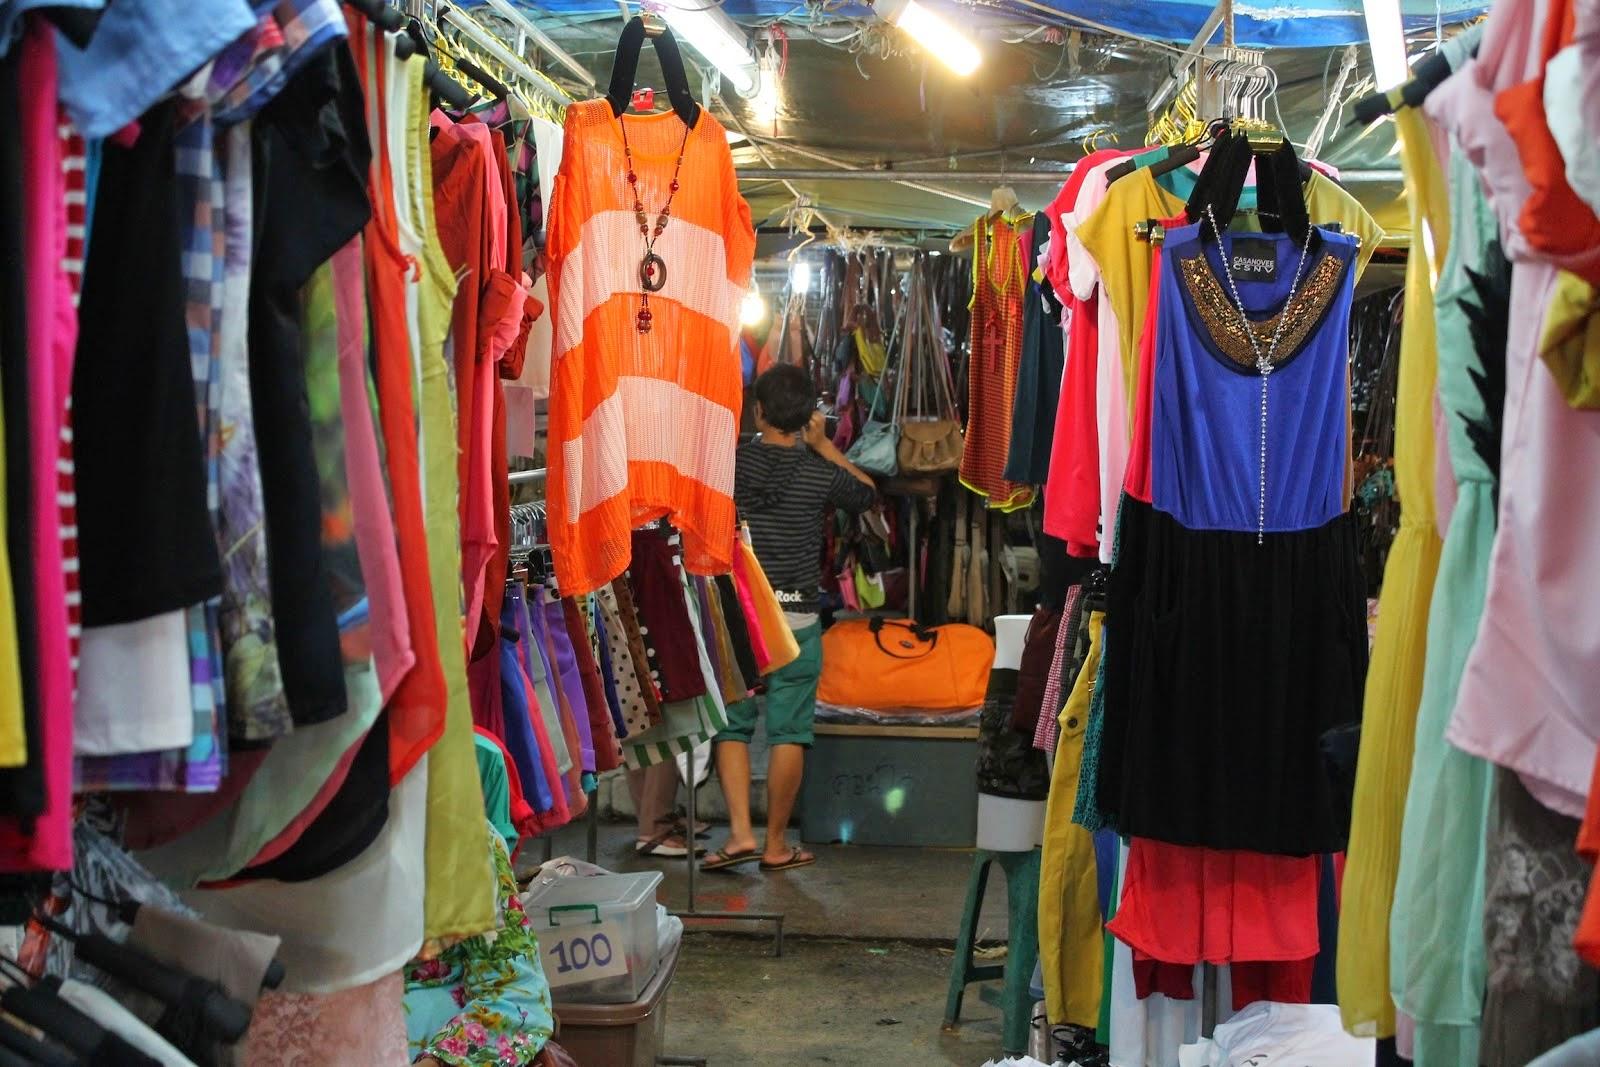 Grosir Baju Wanita Surabaya